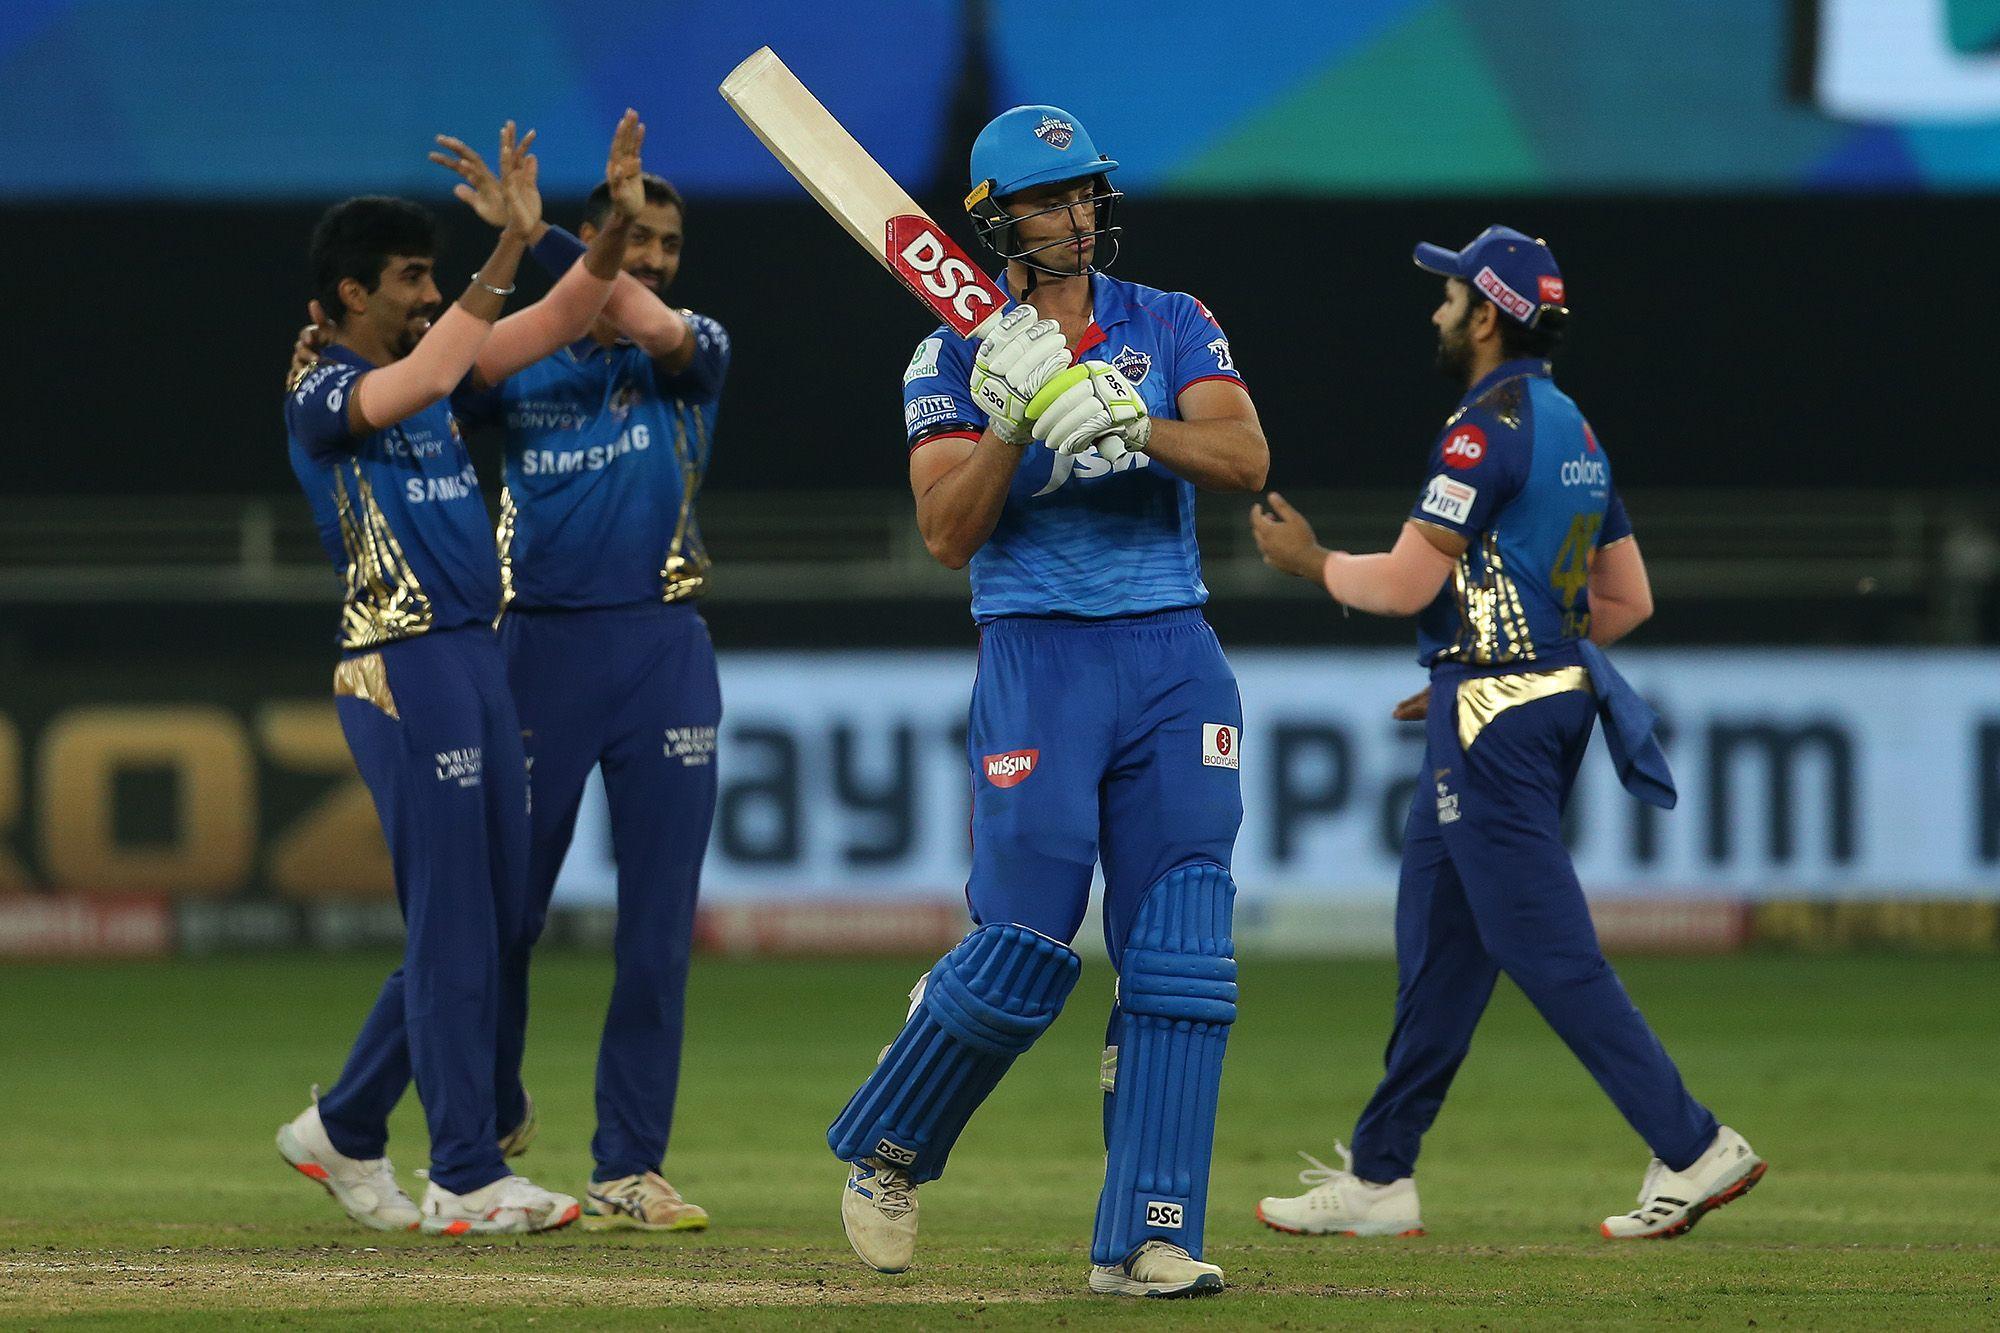 Photo Courtesy: IPL/BCCI